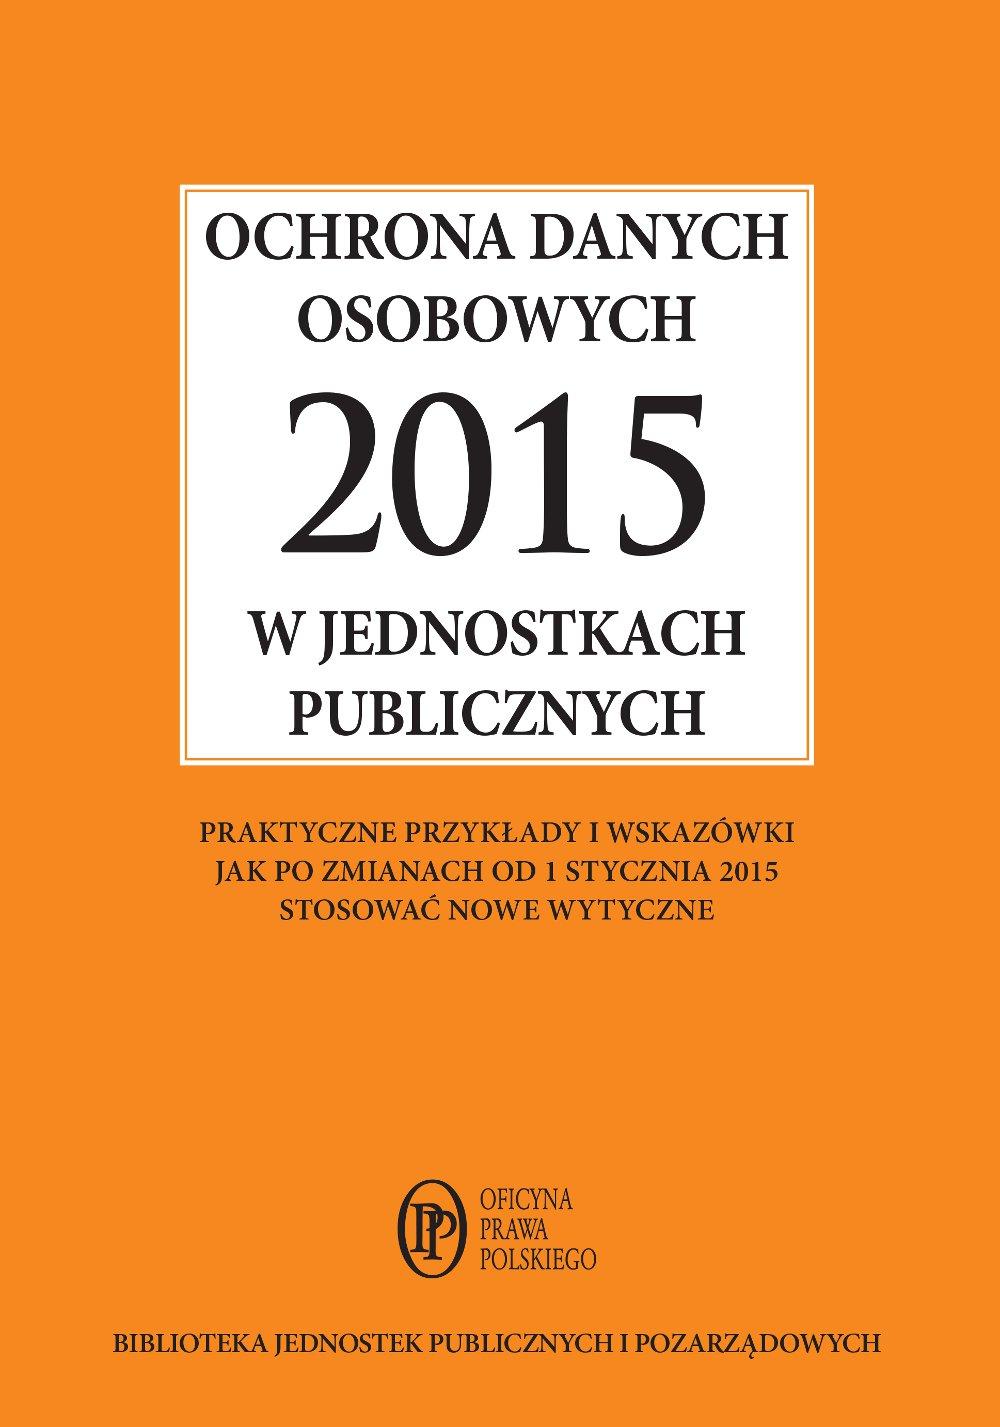 Ochrona danych osobowych 2015 w jednostkach publicznych - praktyczne przykłady i wskazówki jak po zmianach od 1 stycznia 2015 stosować nowe wytyczne - Ebook (Książka EPUB) do pobrania w formacie EPUB